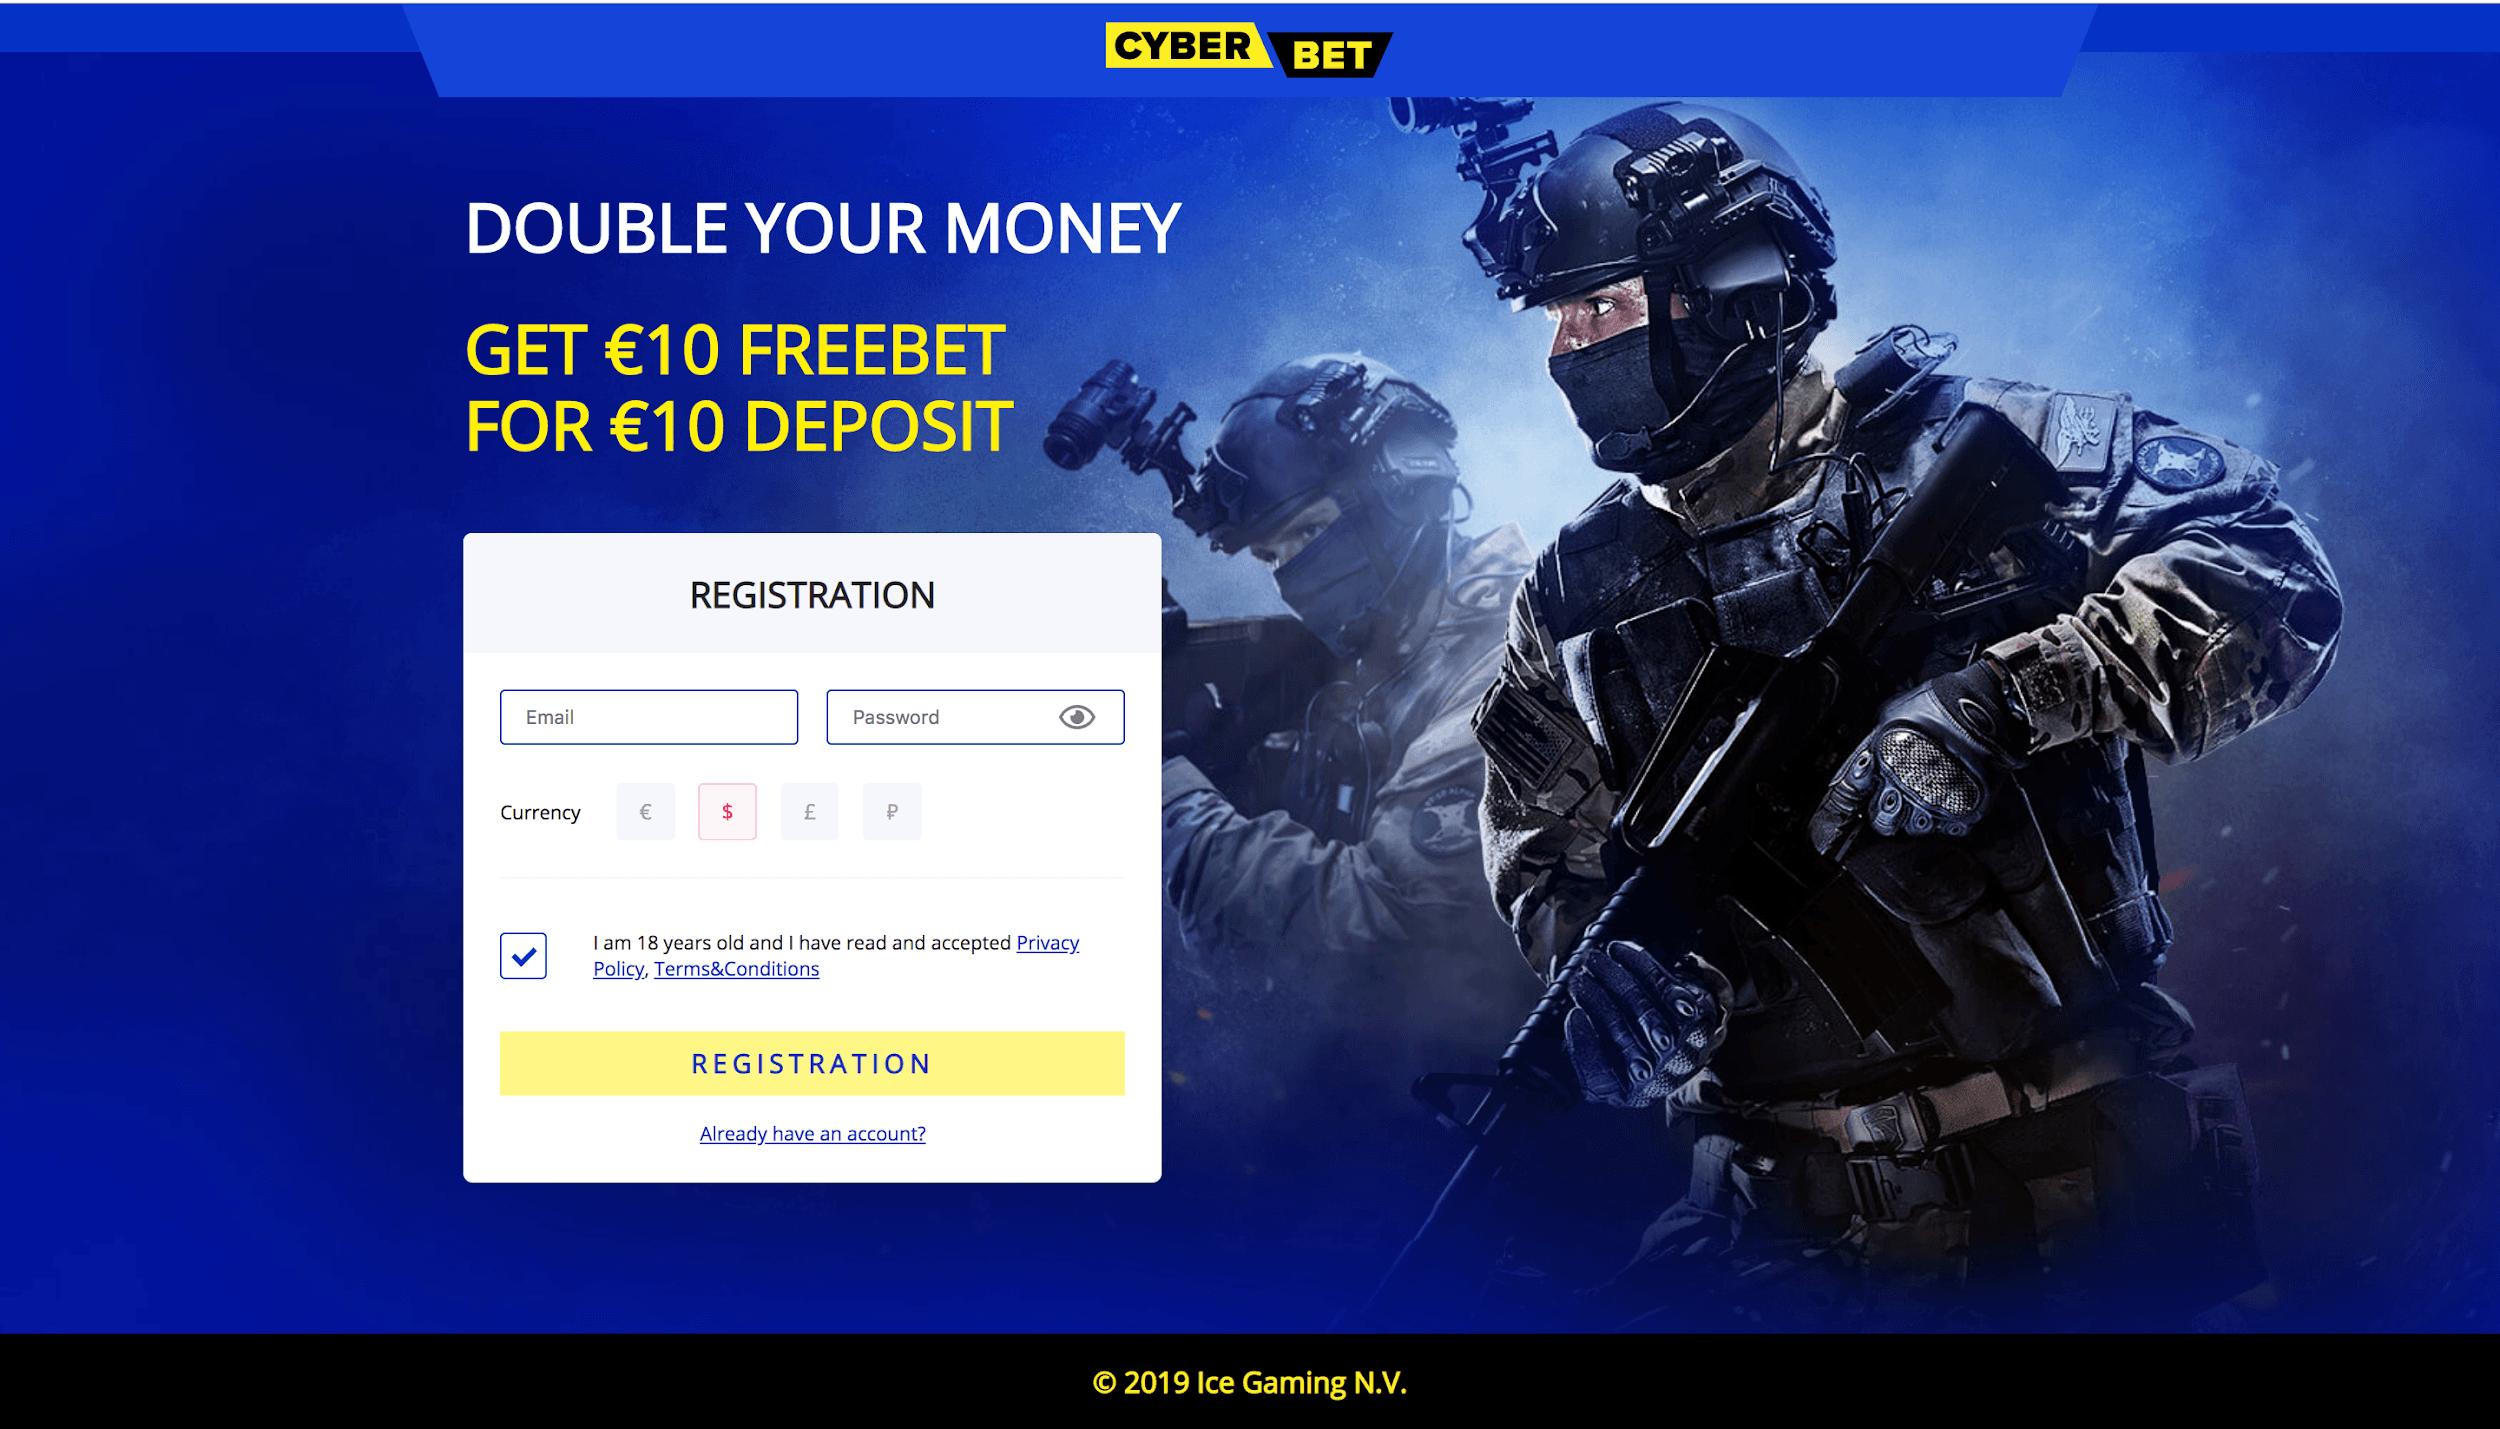 КЕЙС: льем с push-уведомлений на кибер-беттинг (1.006$)